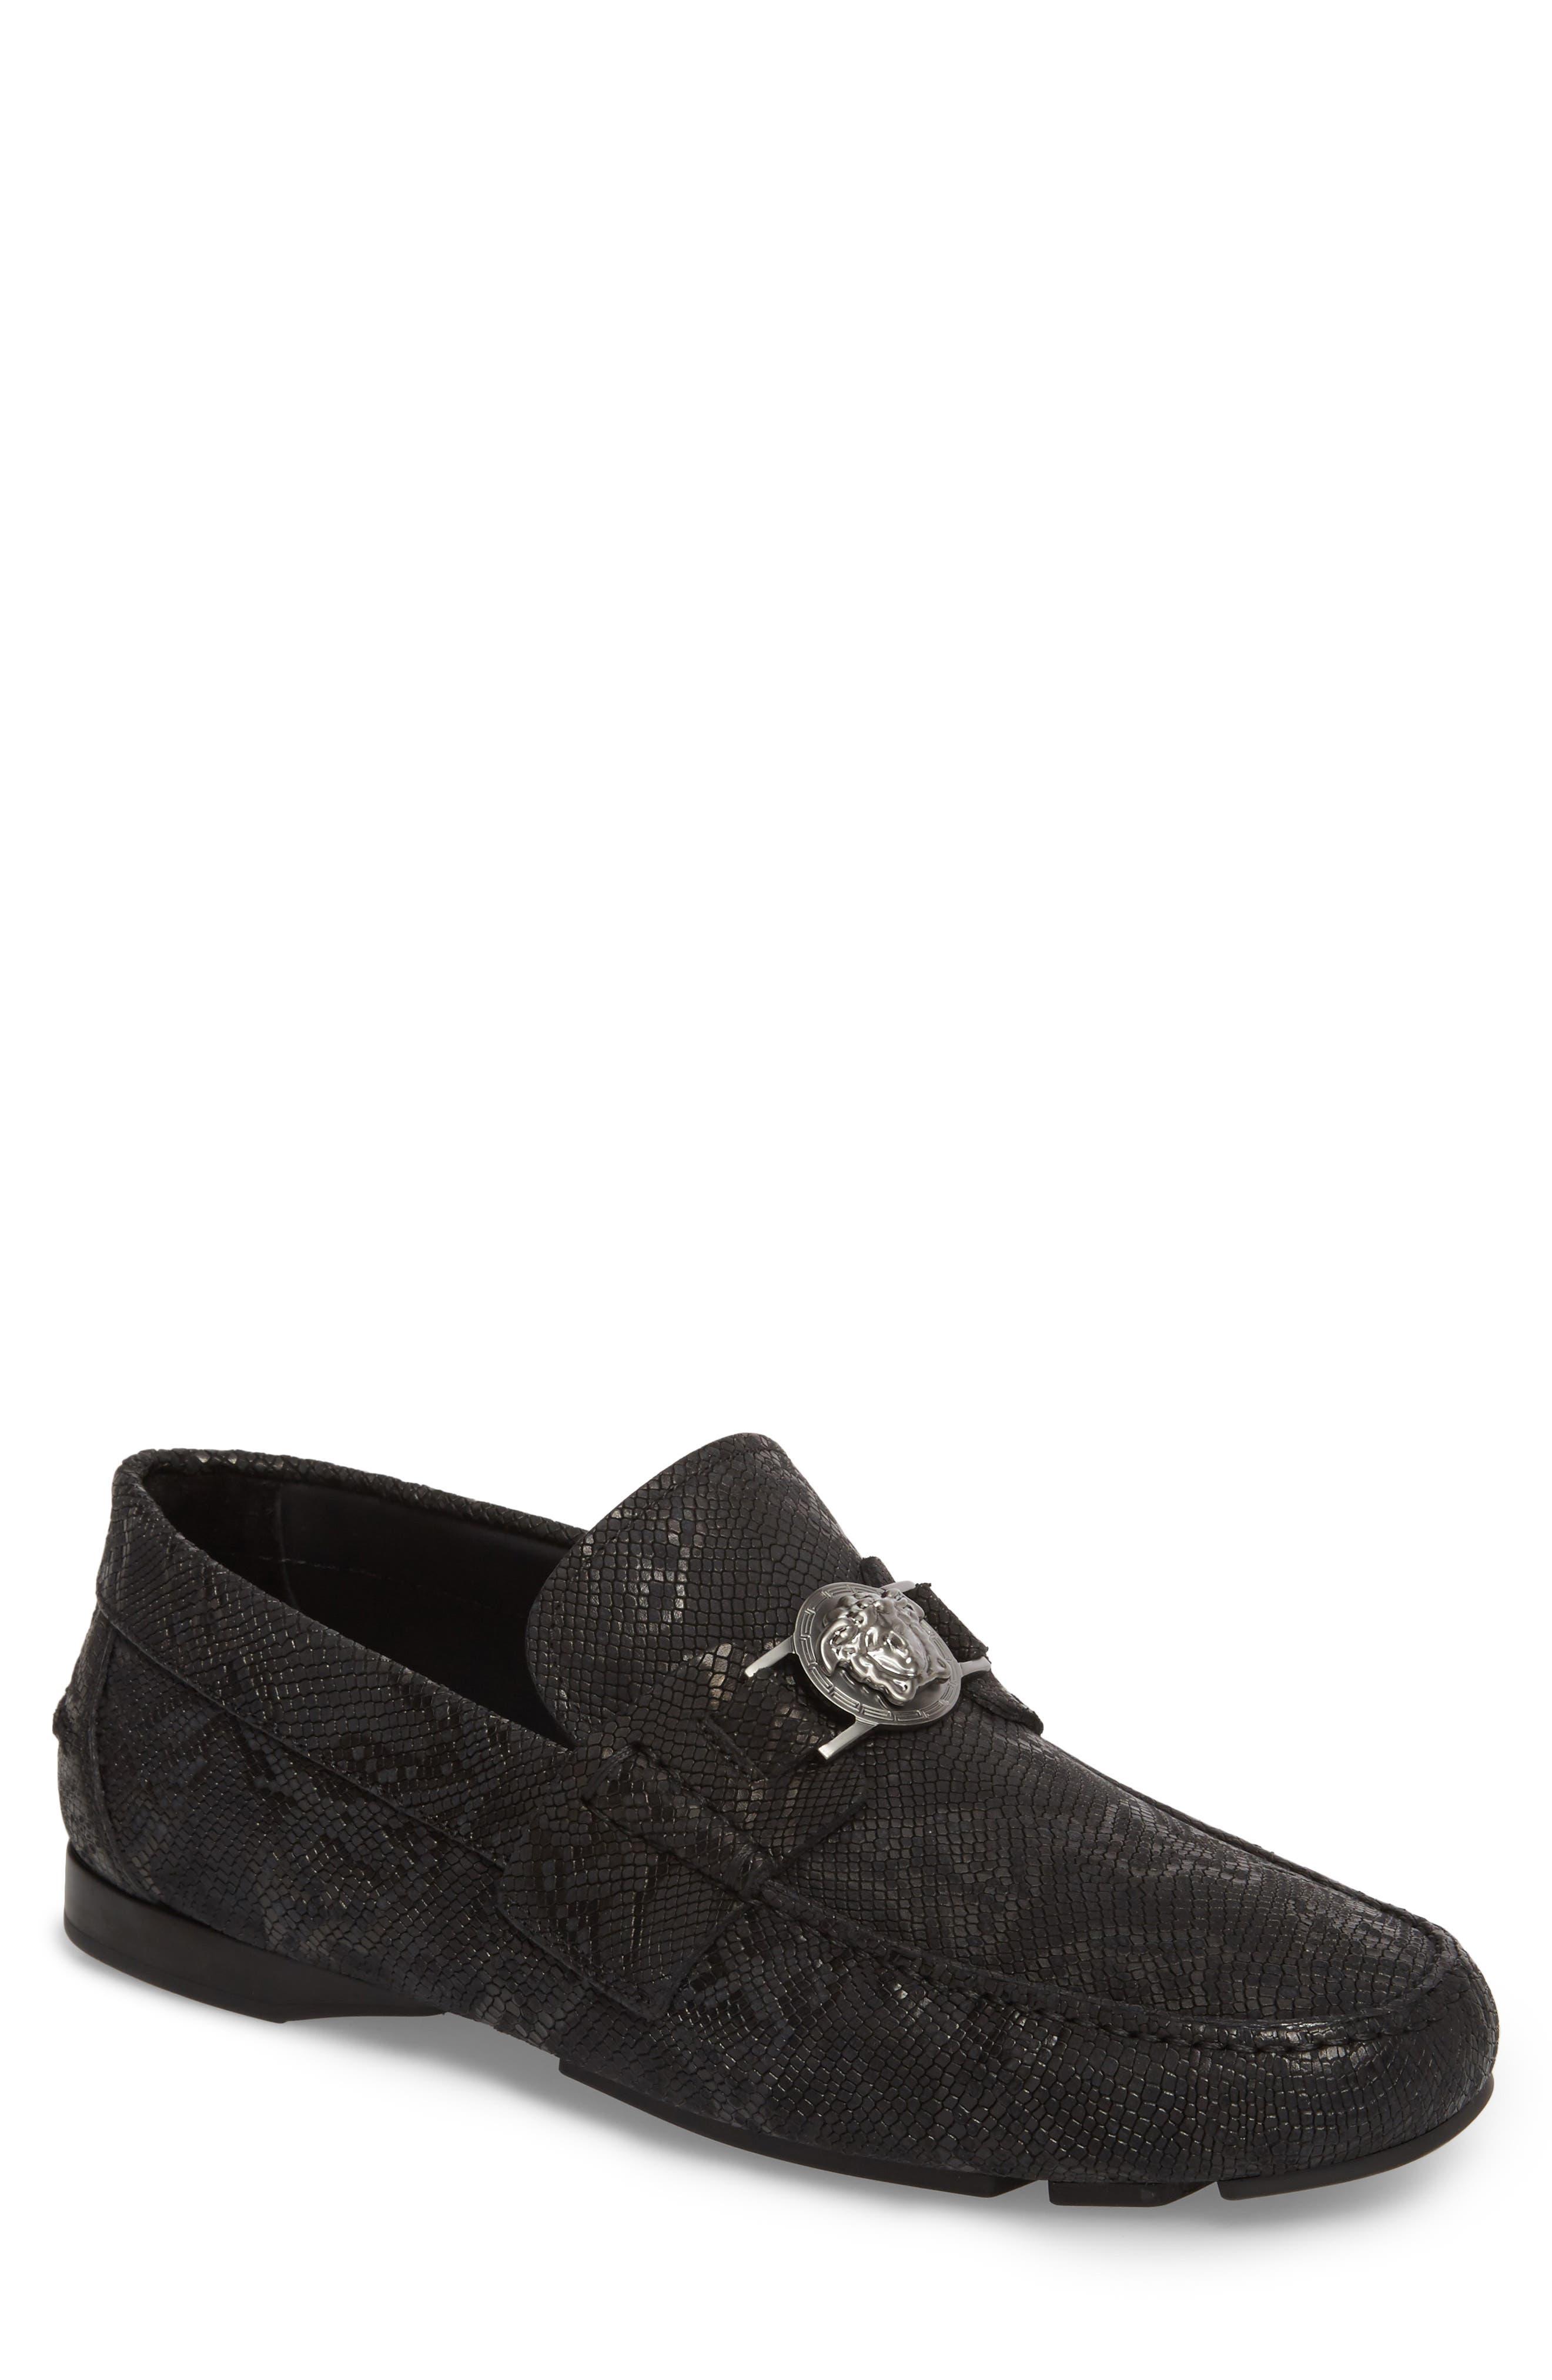 Driving Shoe,                         Main,                         color, Black